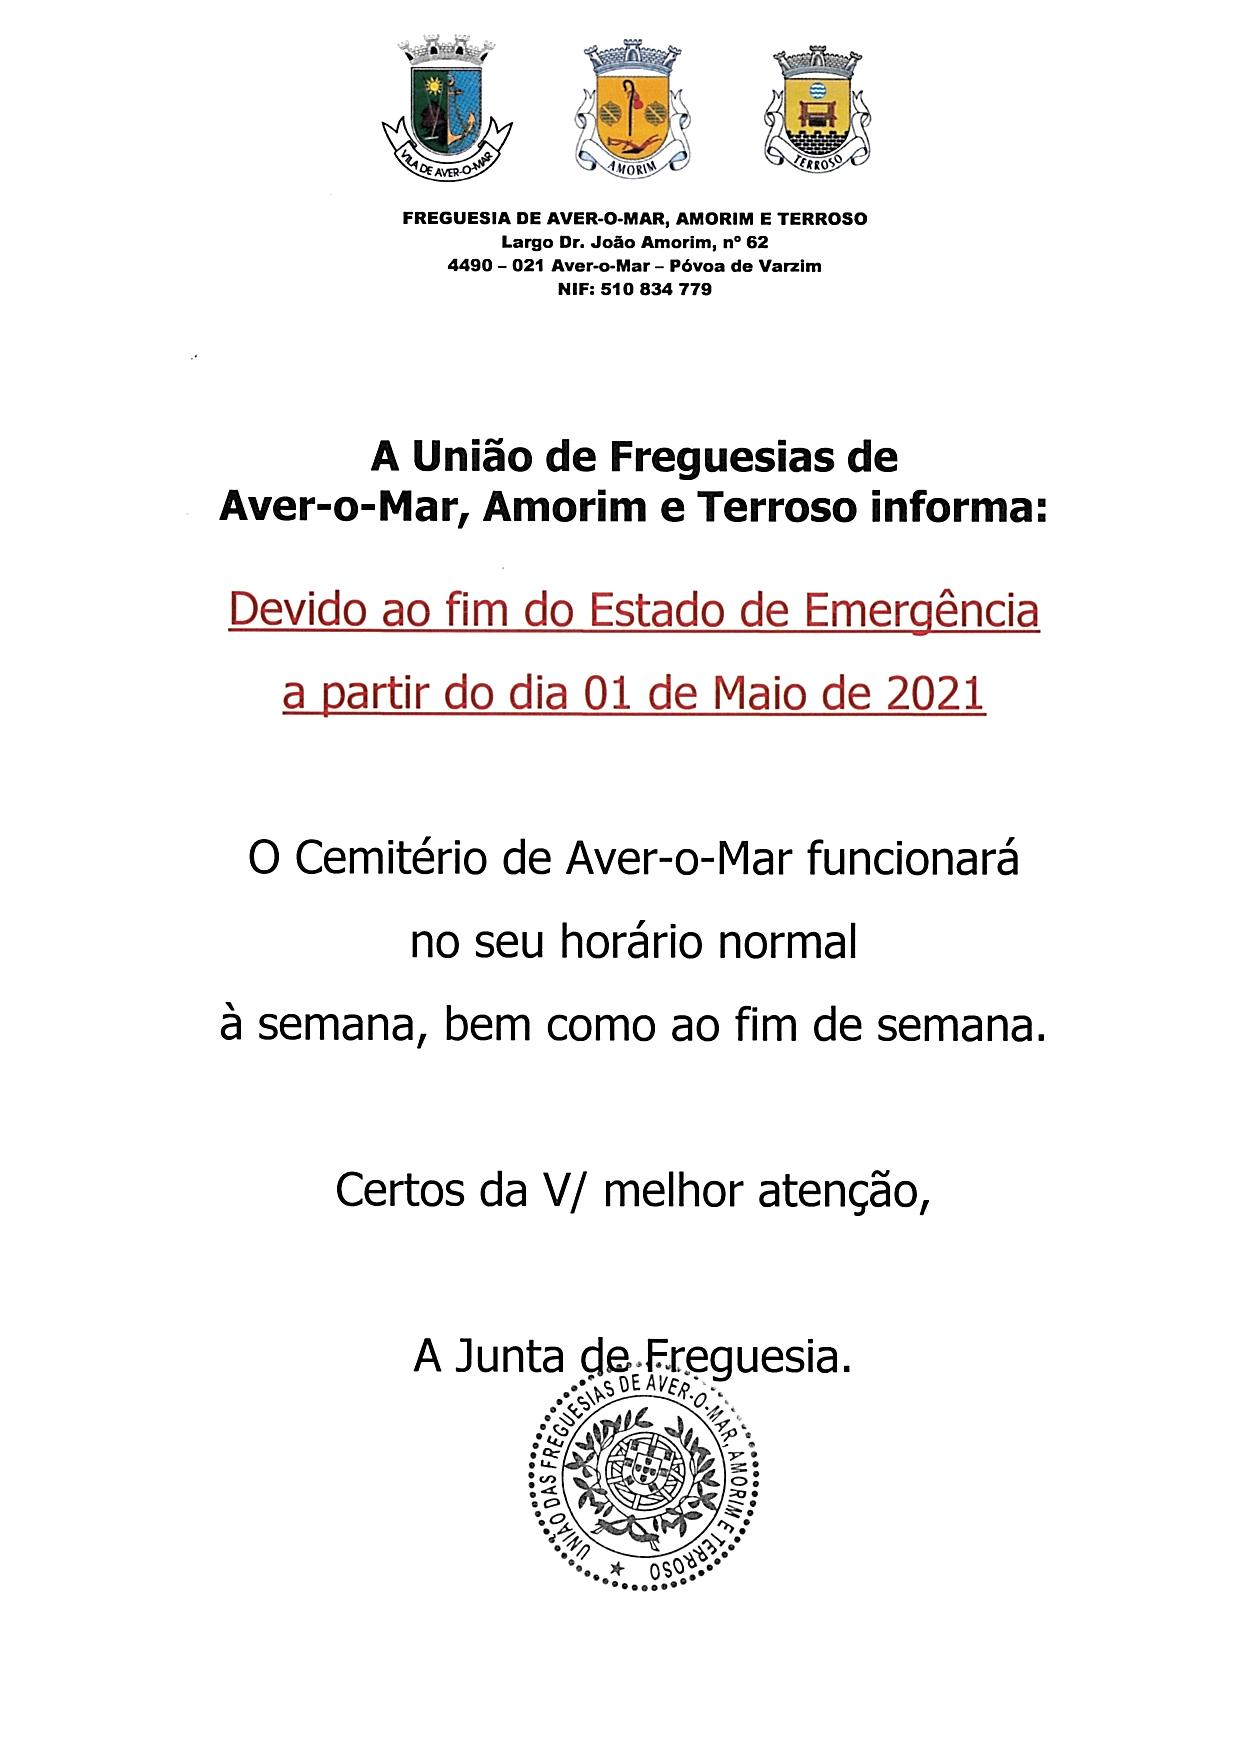 HORÁRIO DE FUNCIONAMENTO DO CEMITÉRIO AVER-O-MAR